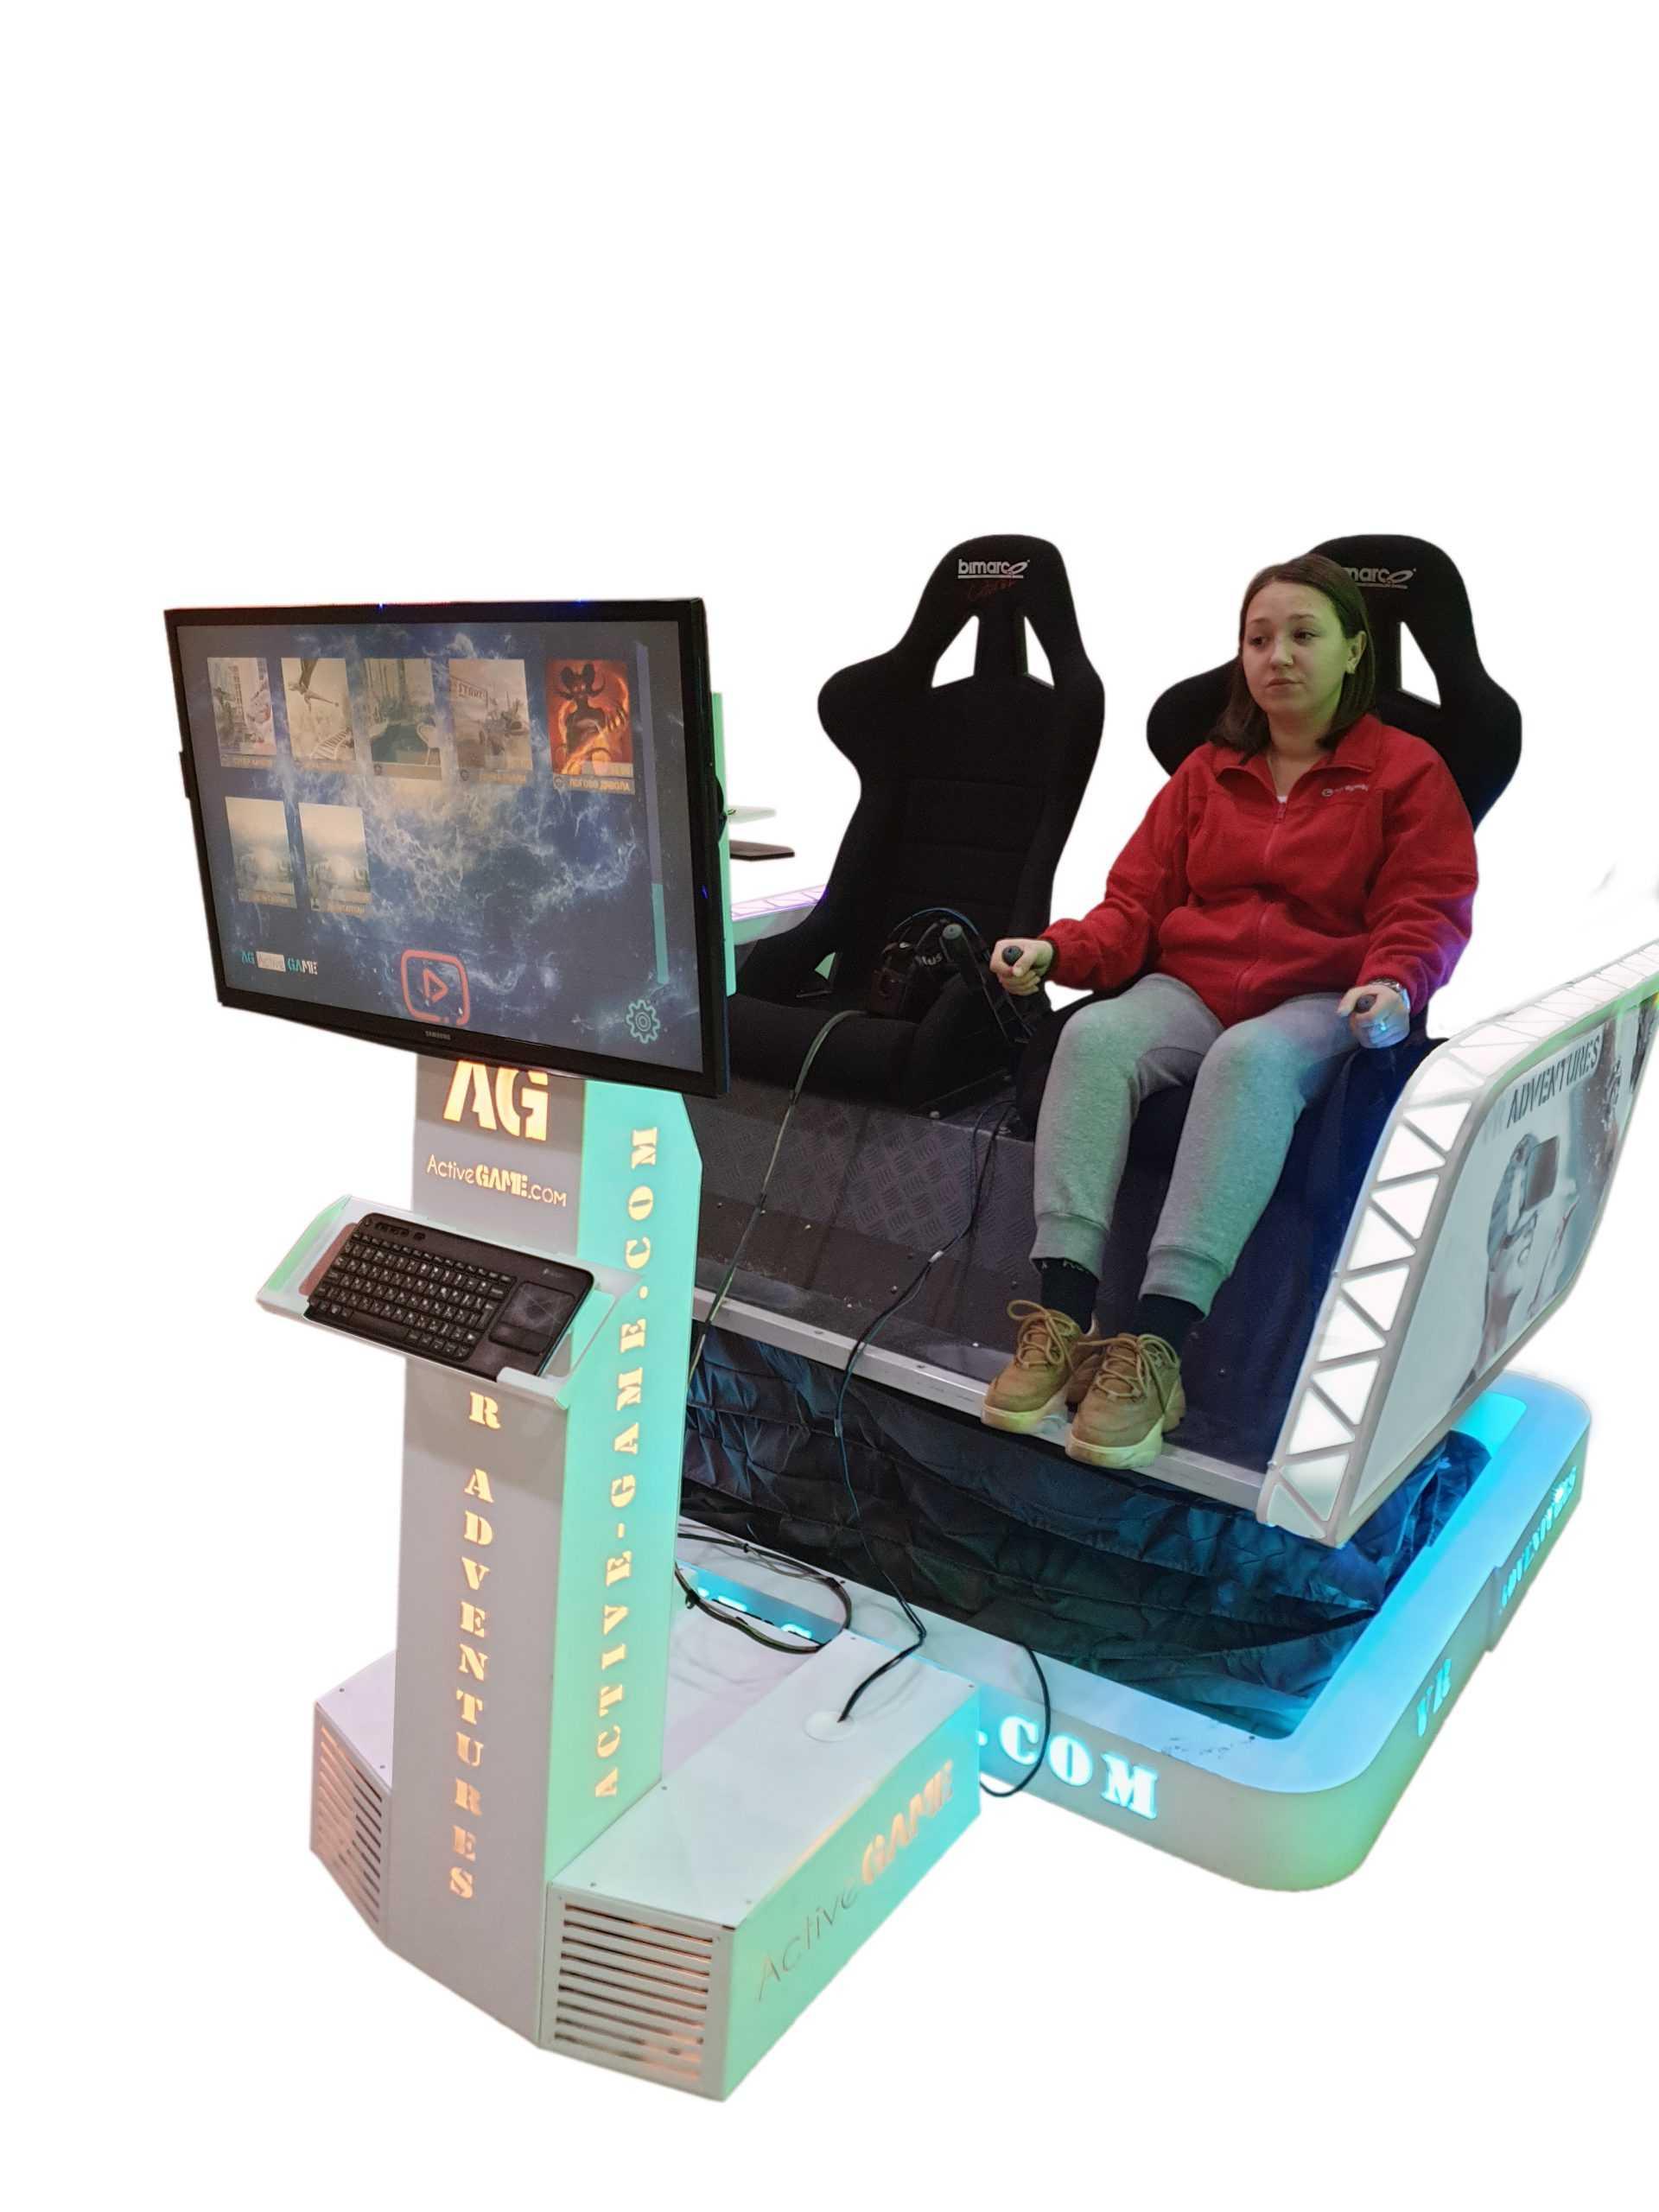 Double_Sim_3 Full motion VR simulator 2dof, 3dof,4dof,6dof motion platform